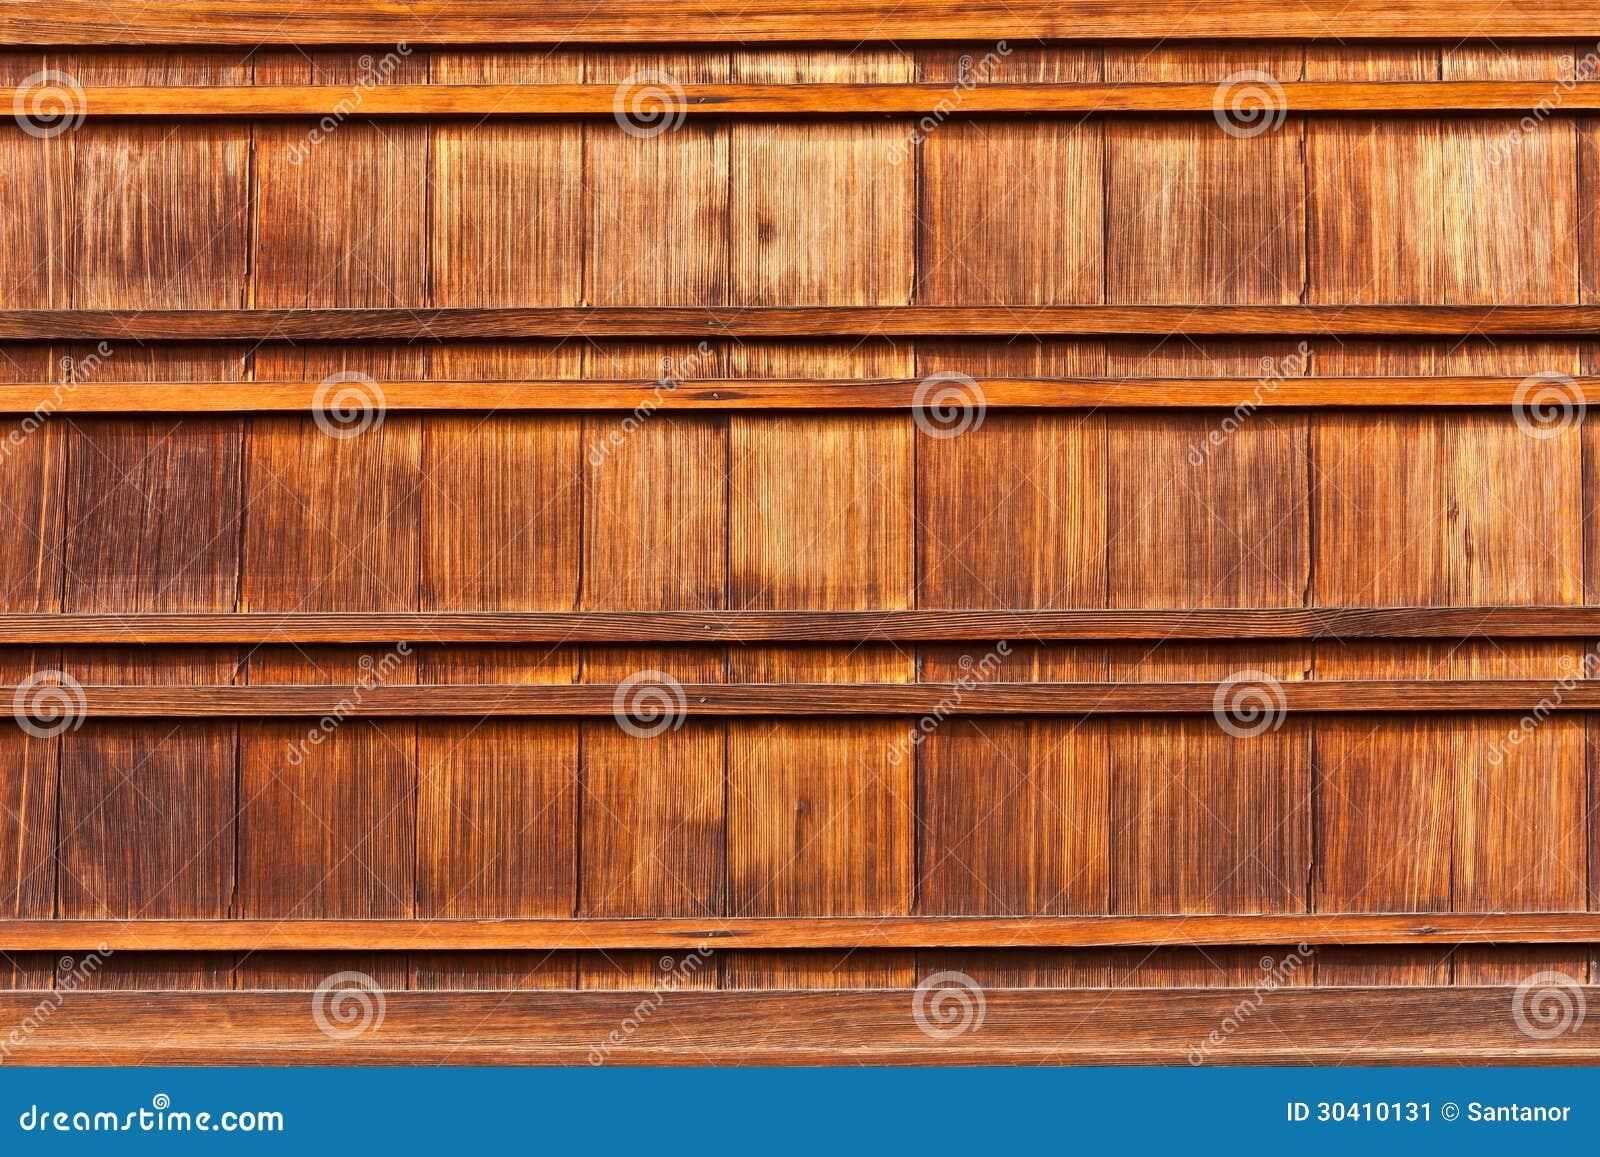 Wood Background Stock Image Image Of Decorative Surface